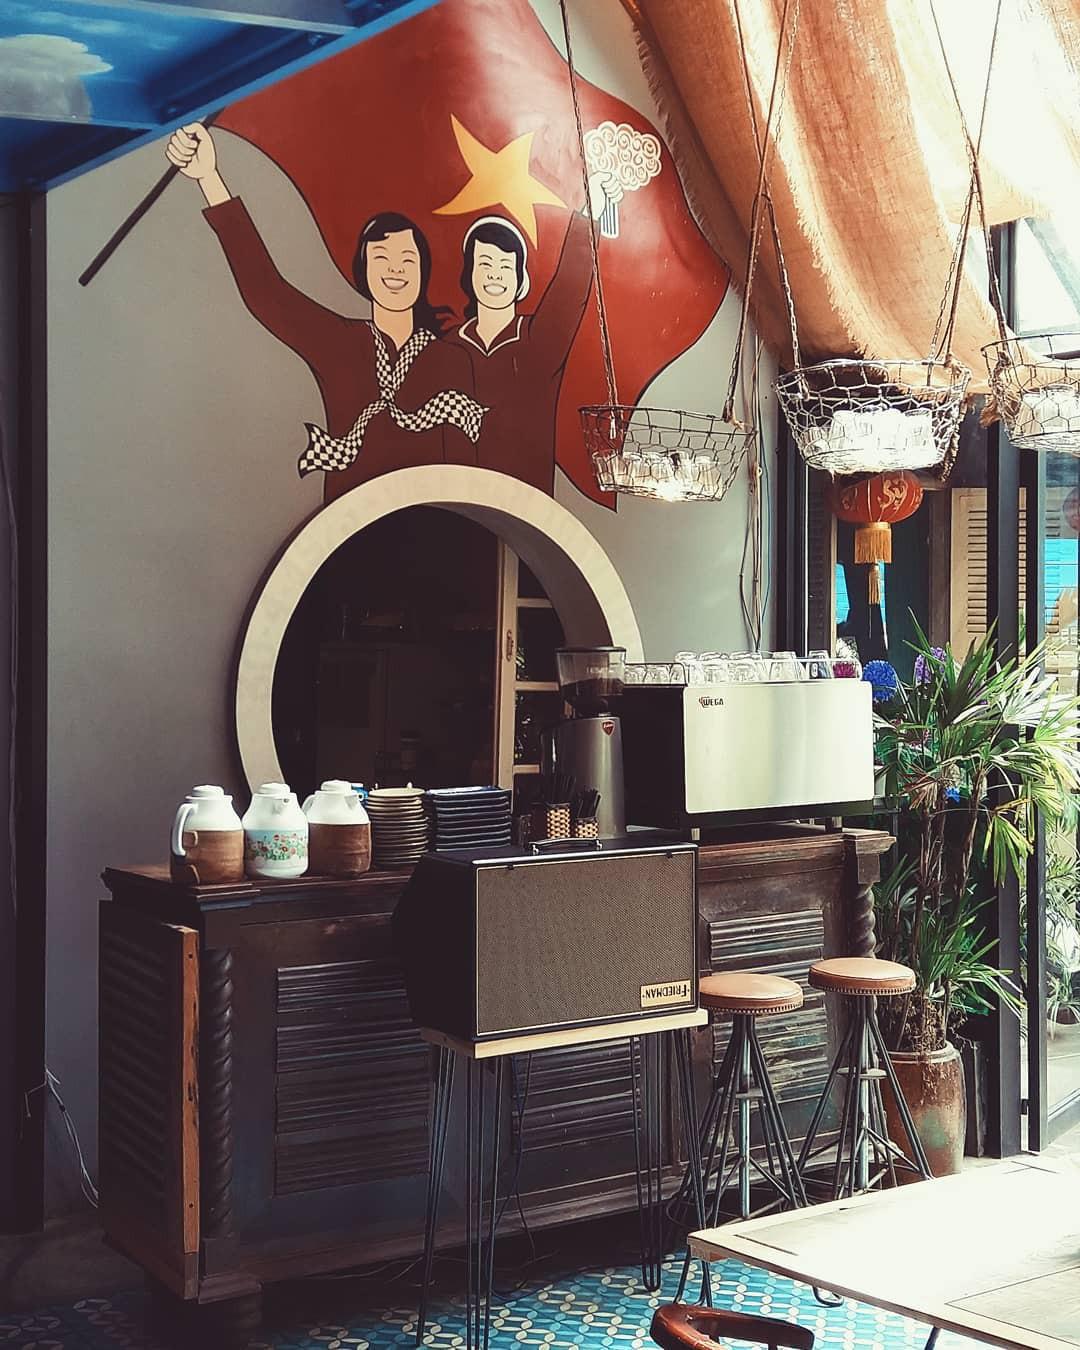 Đổi gió với 3 quán bán món Tây ngon, không gian lãng mạn nhưng giá mềm ở Đà Lạt - Ảnh 17.